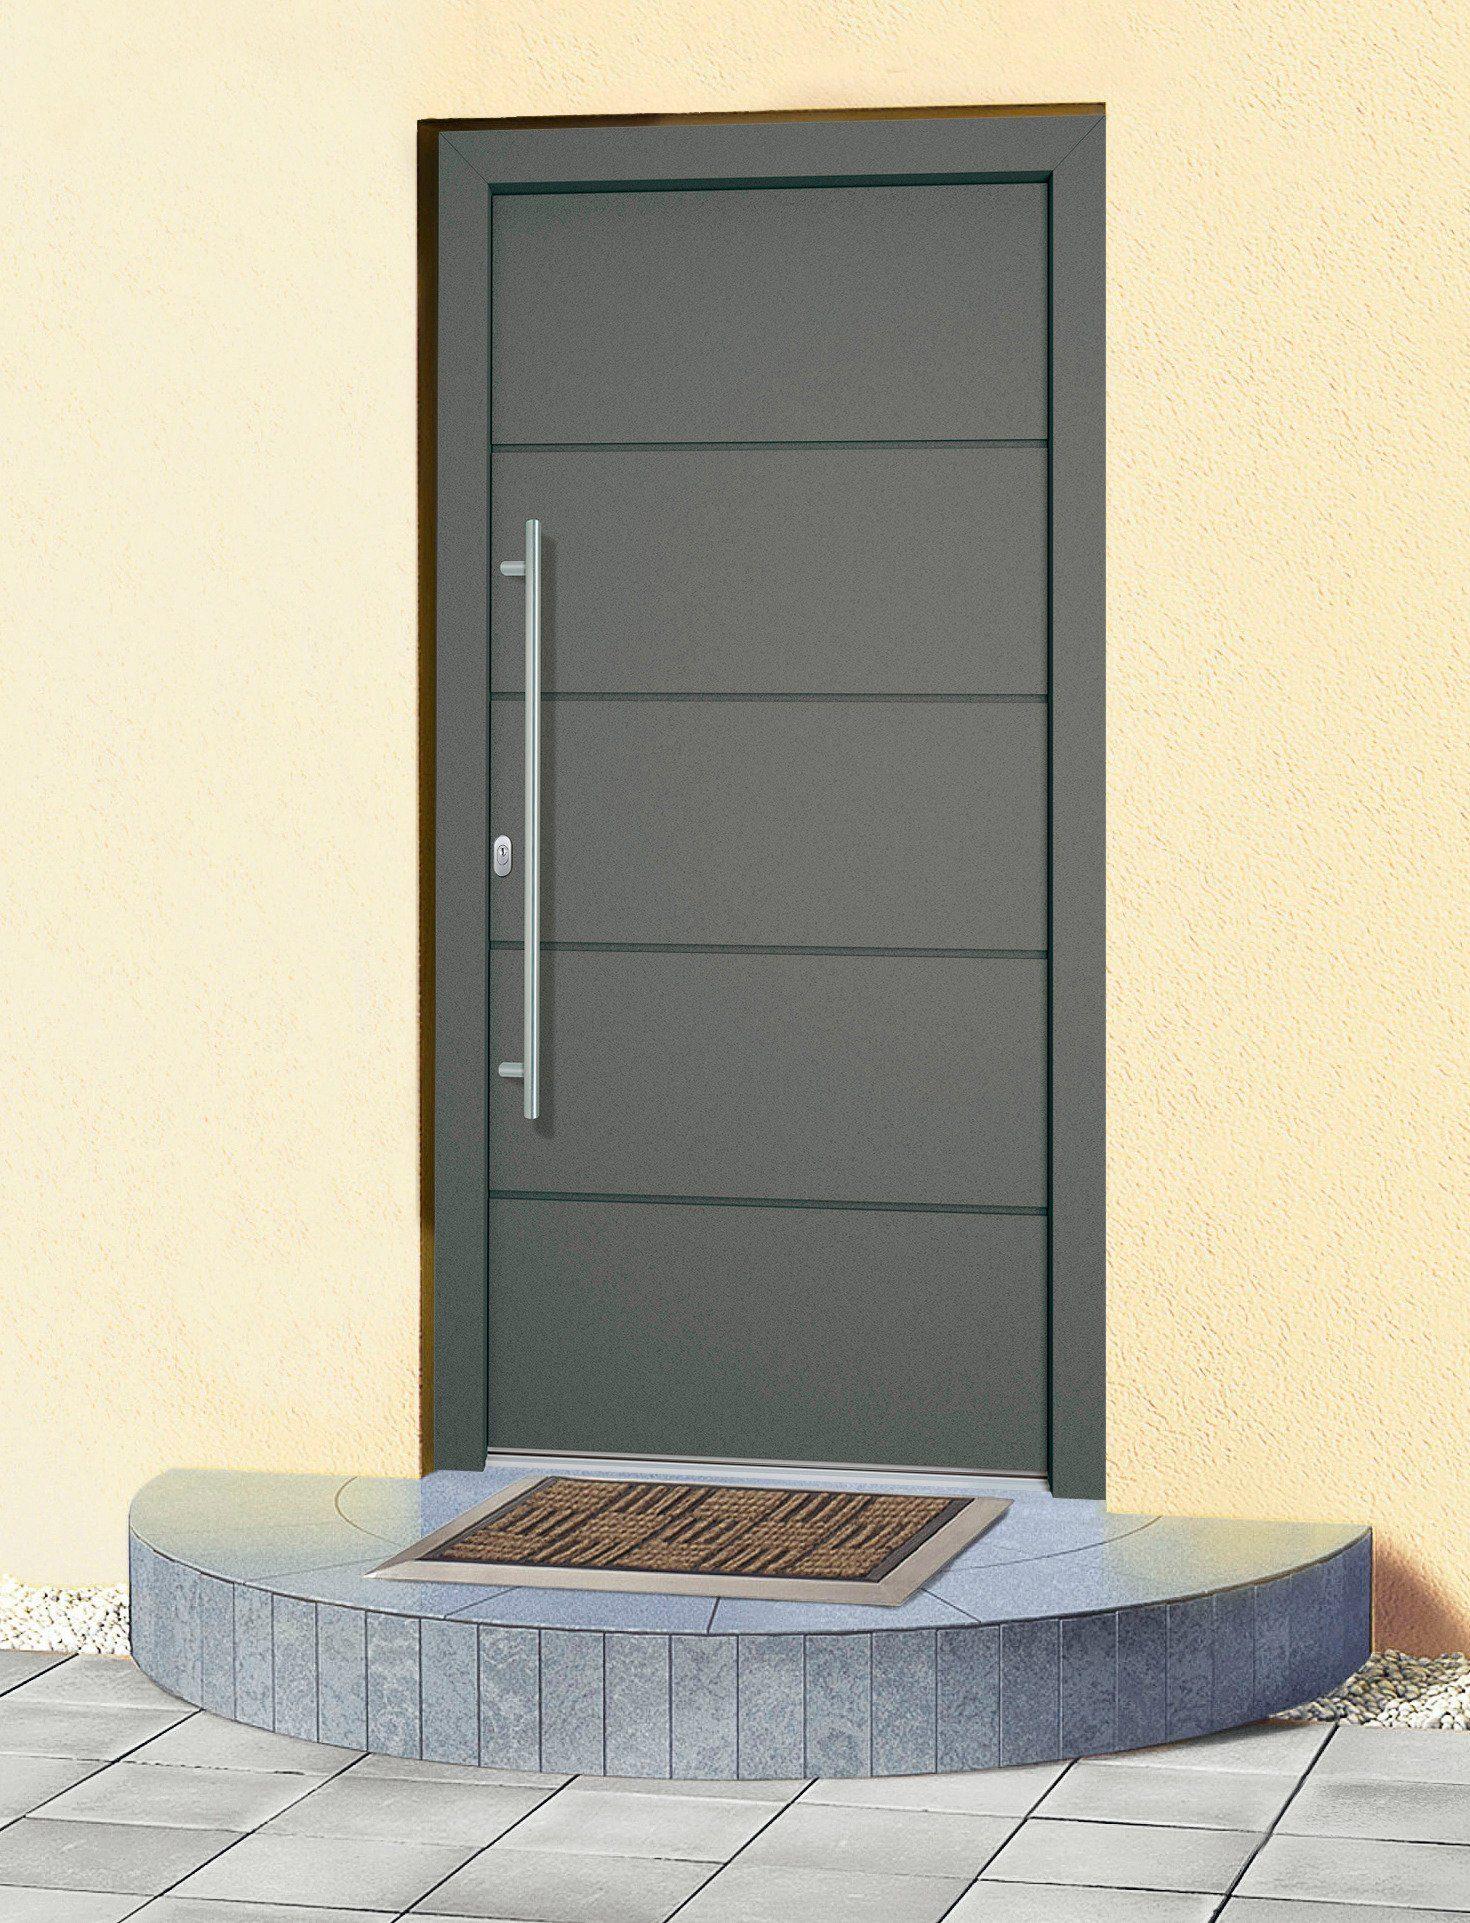 Fantastisch RORO Aluminium-Haustür »Schweiz«, anthrazit, nach Wunschmaß  PZ04